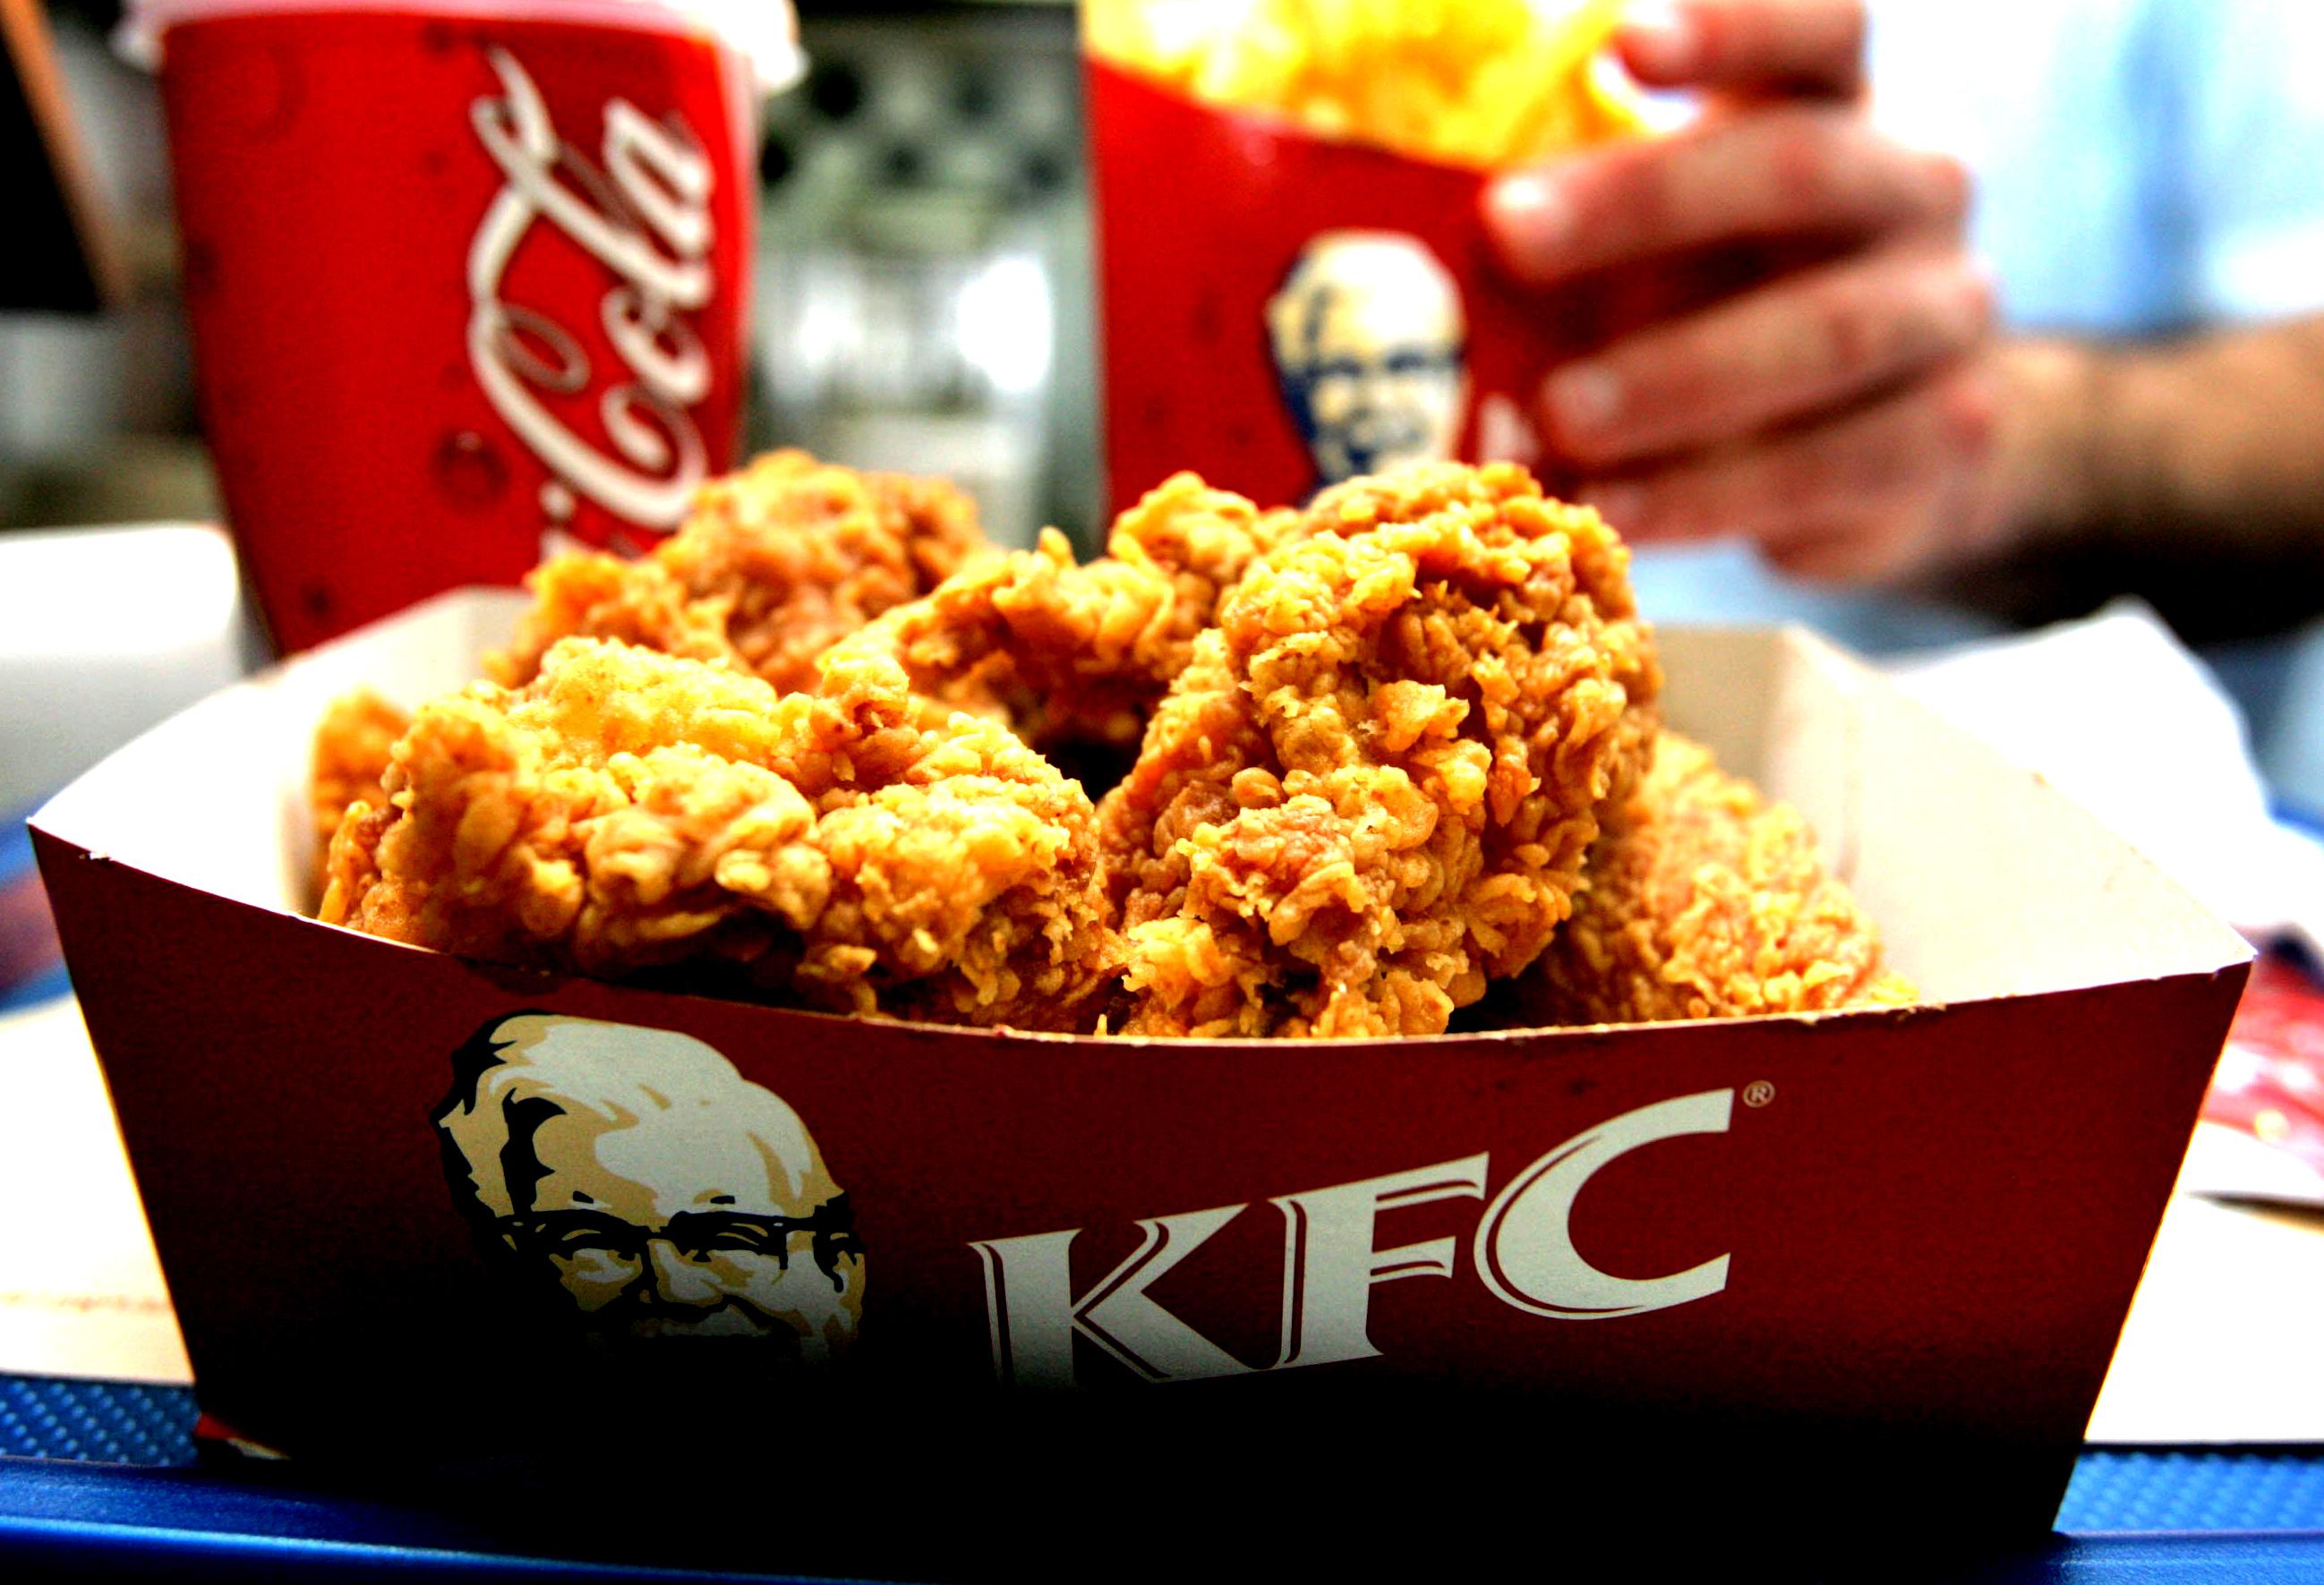 Sphera Group, administratorul KFC, Pizza Hut şi Taco Bell, redeschide toate restaurantele şi readuce la muncă angajaţii aflaţi în şomaj tehnic